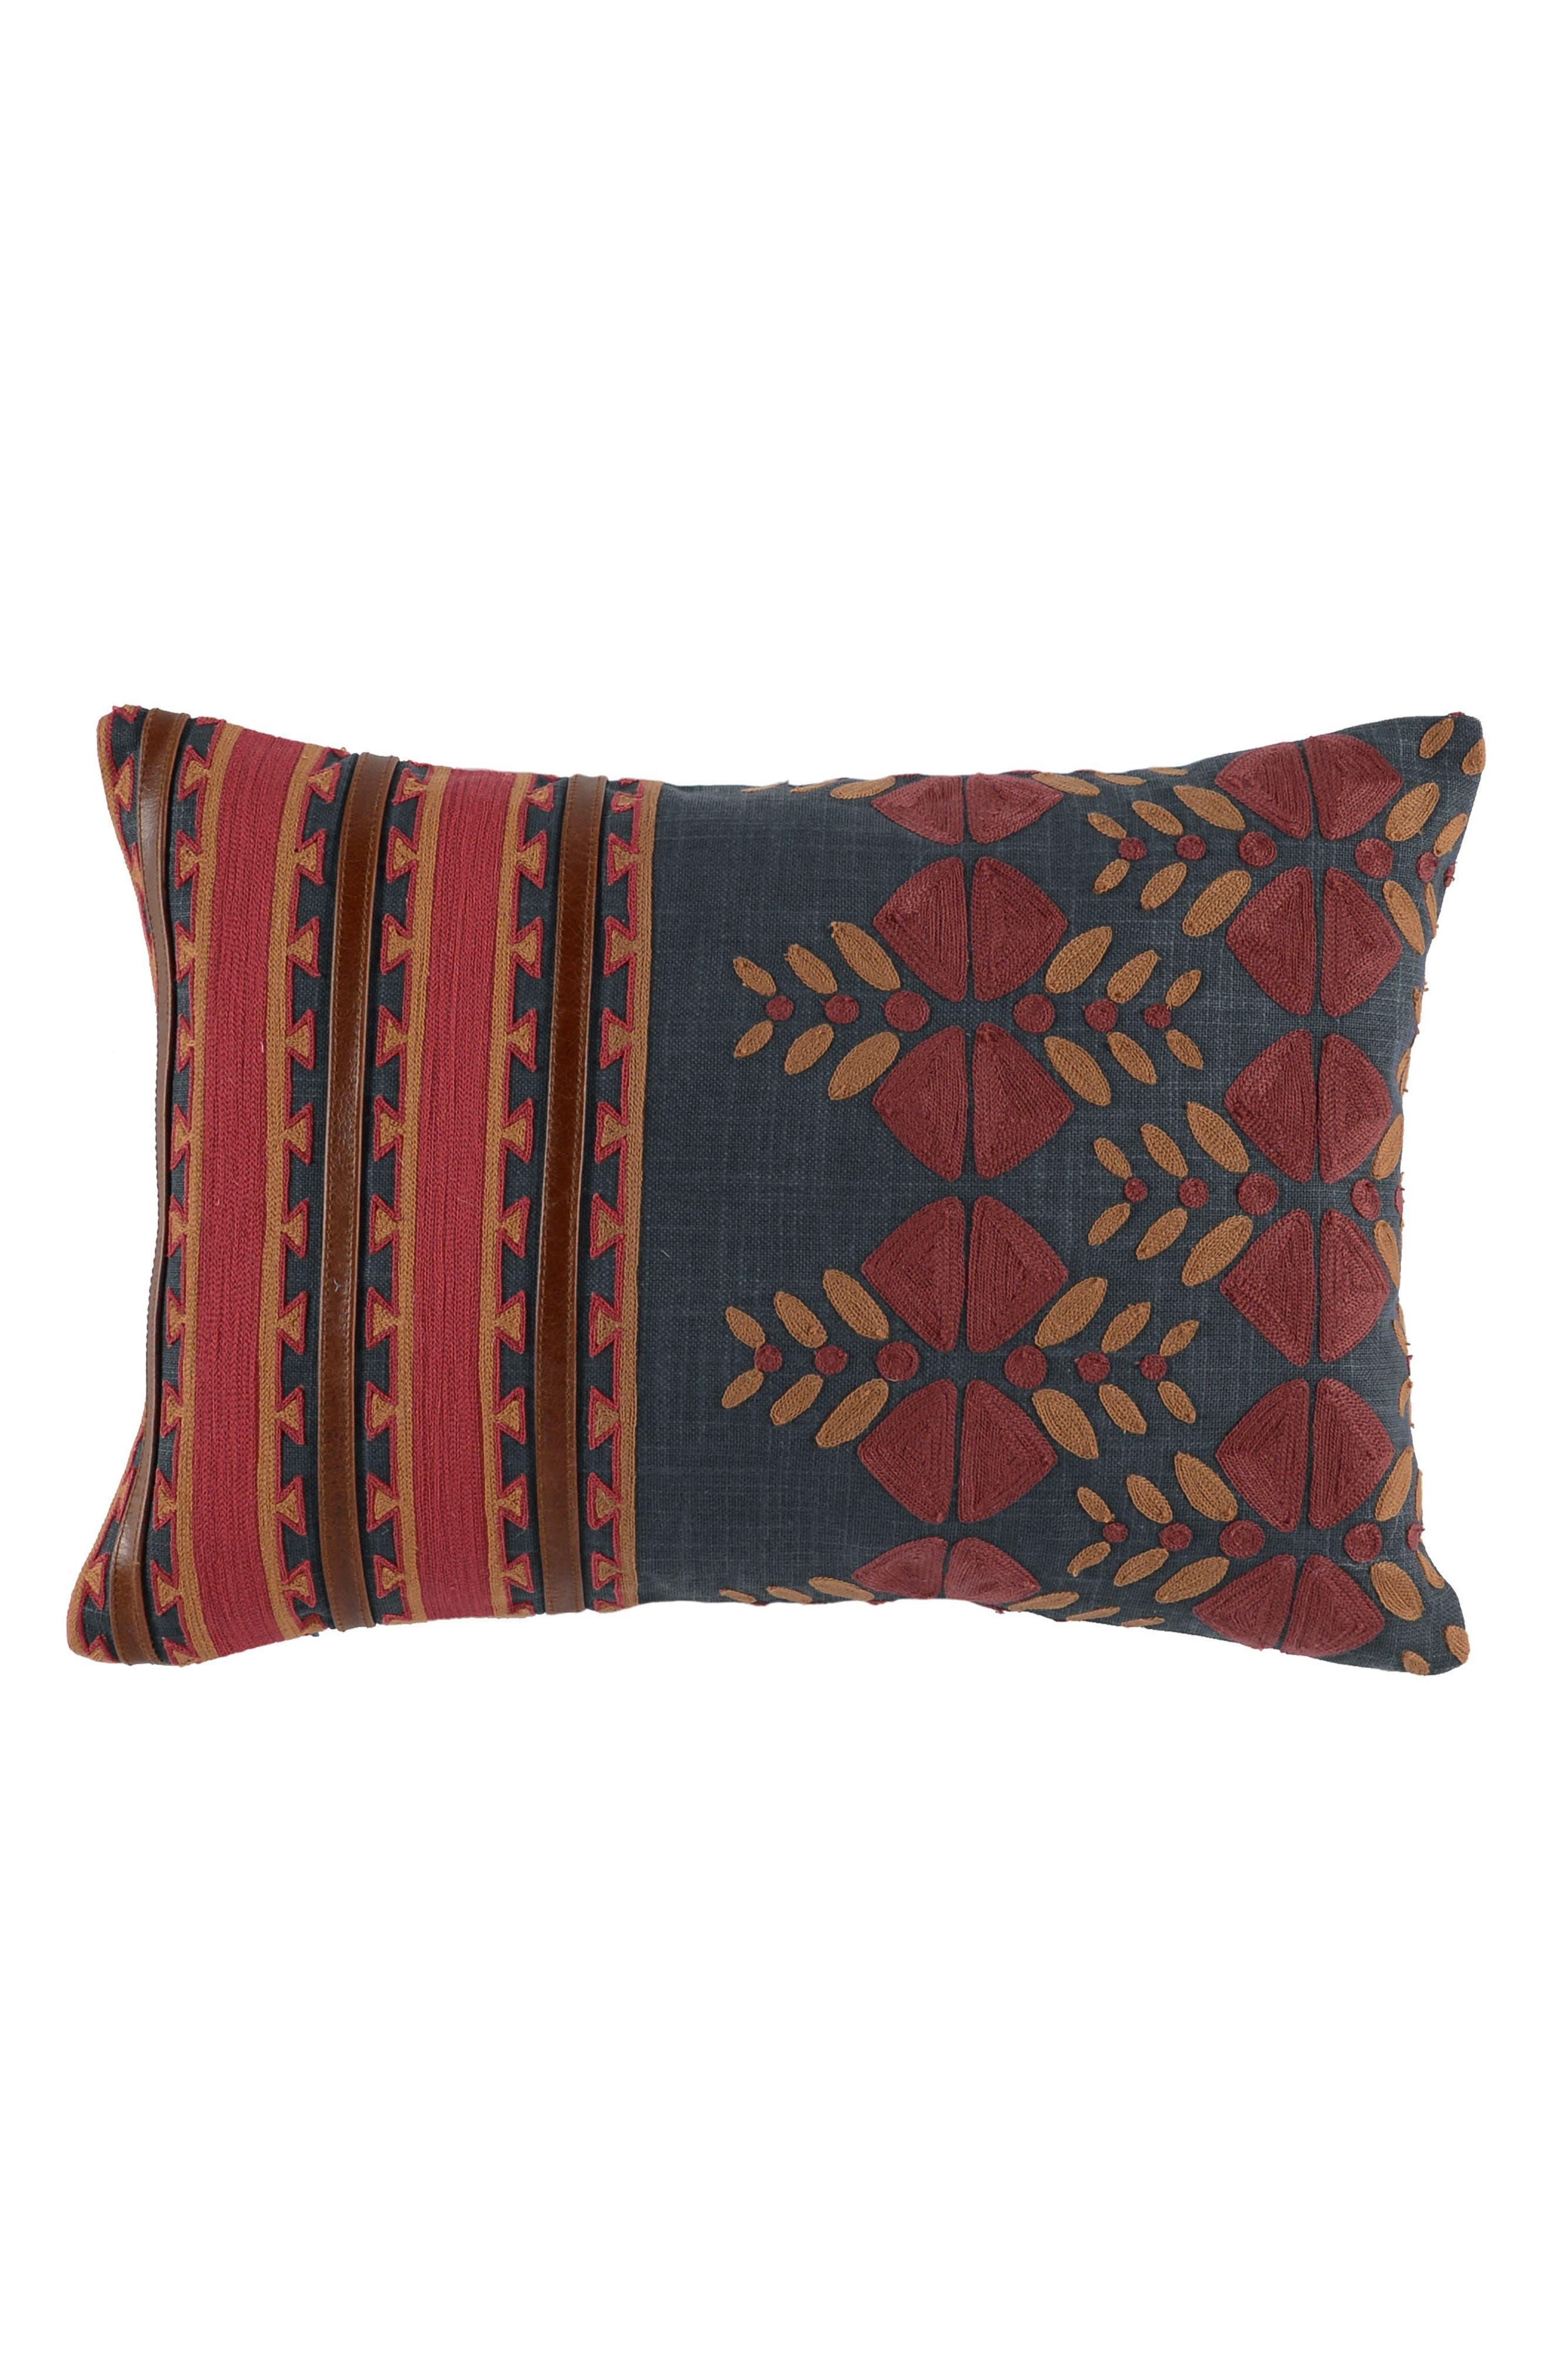 Villa Home Collection Kaleta Accent Pillow